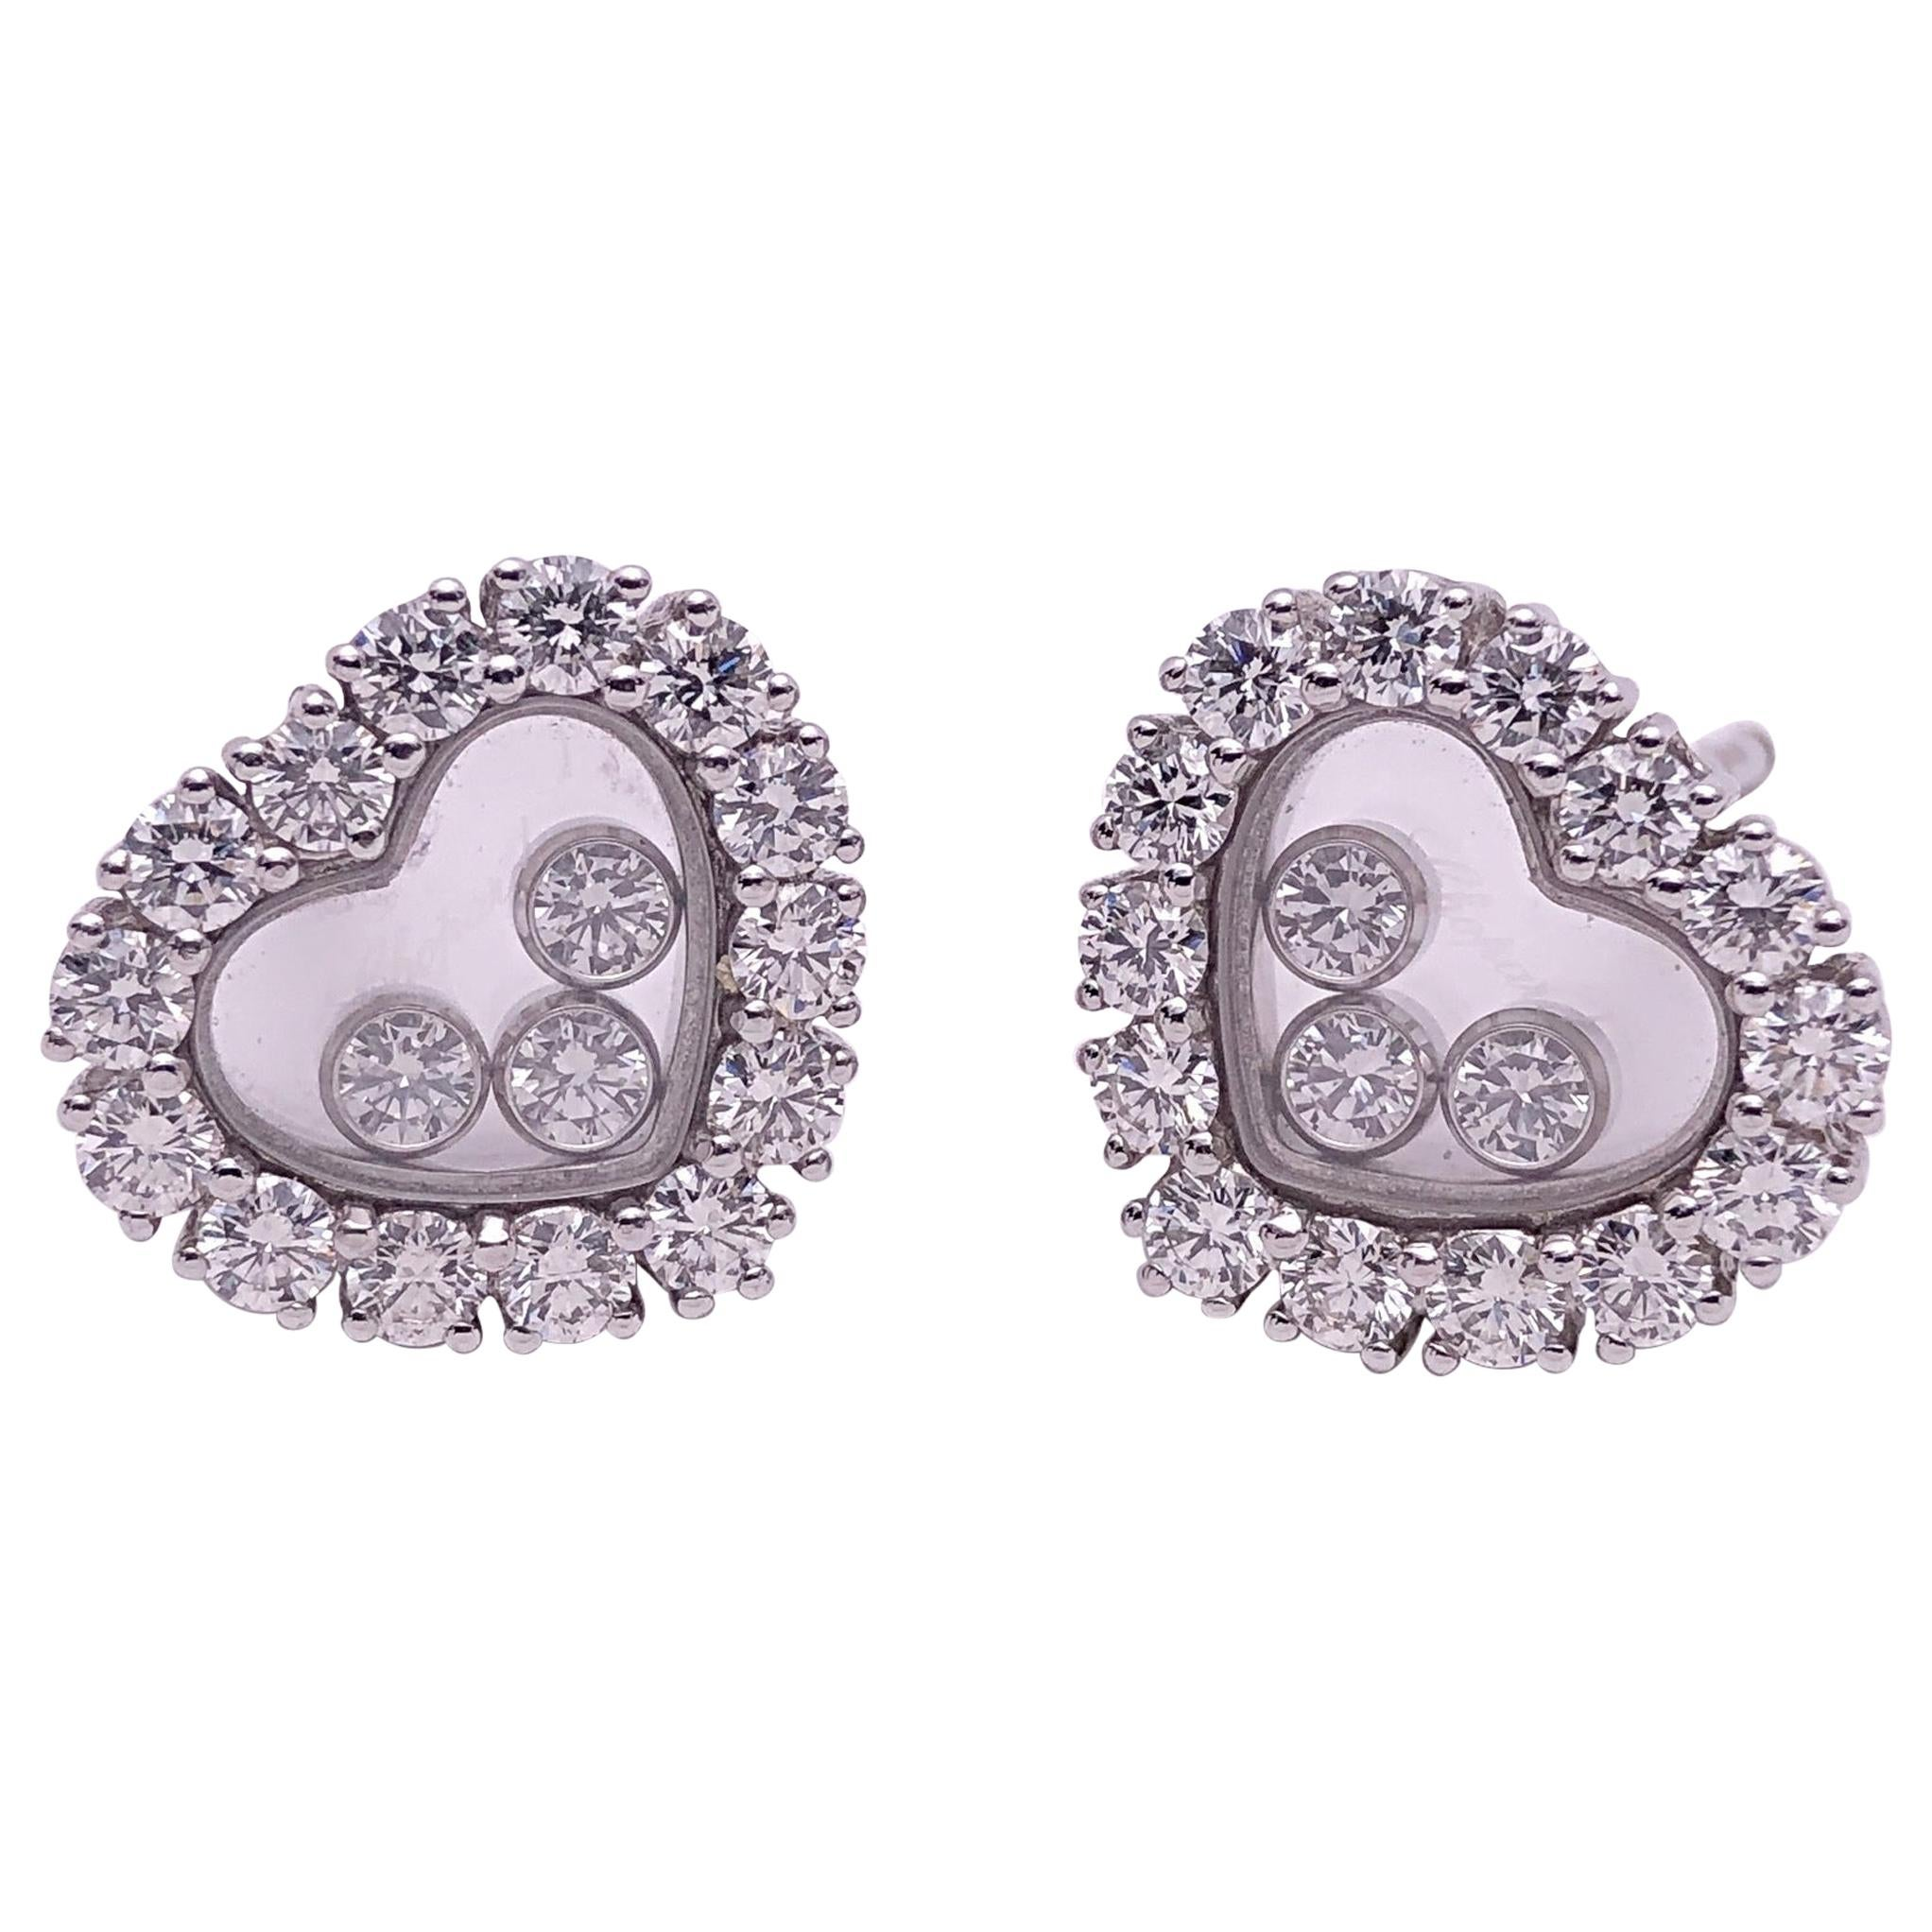 Chopard 18 Karat Gold Happy Diamonds Heart Earrings with 3 Floating Diamonds